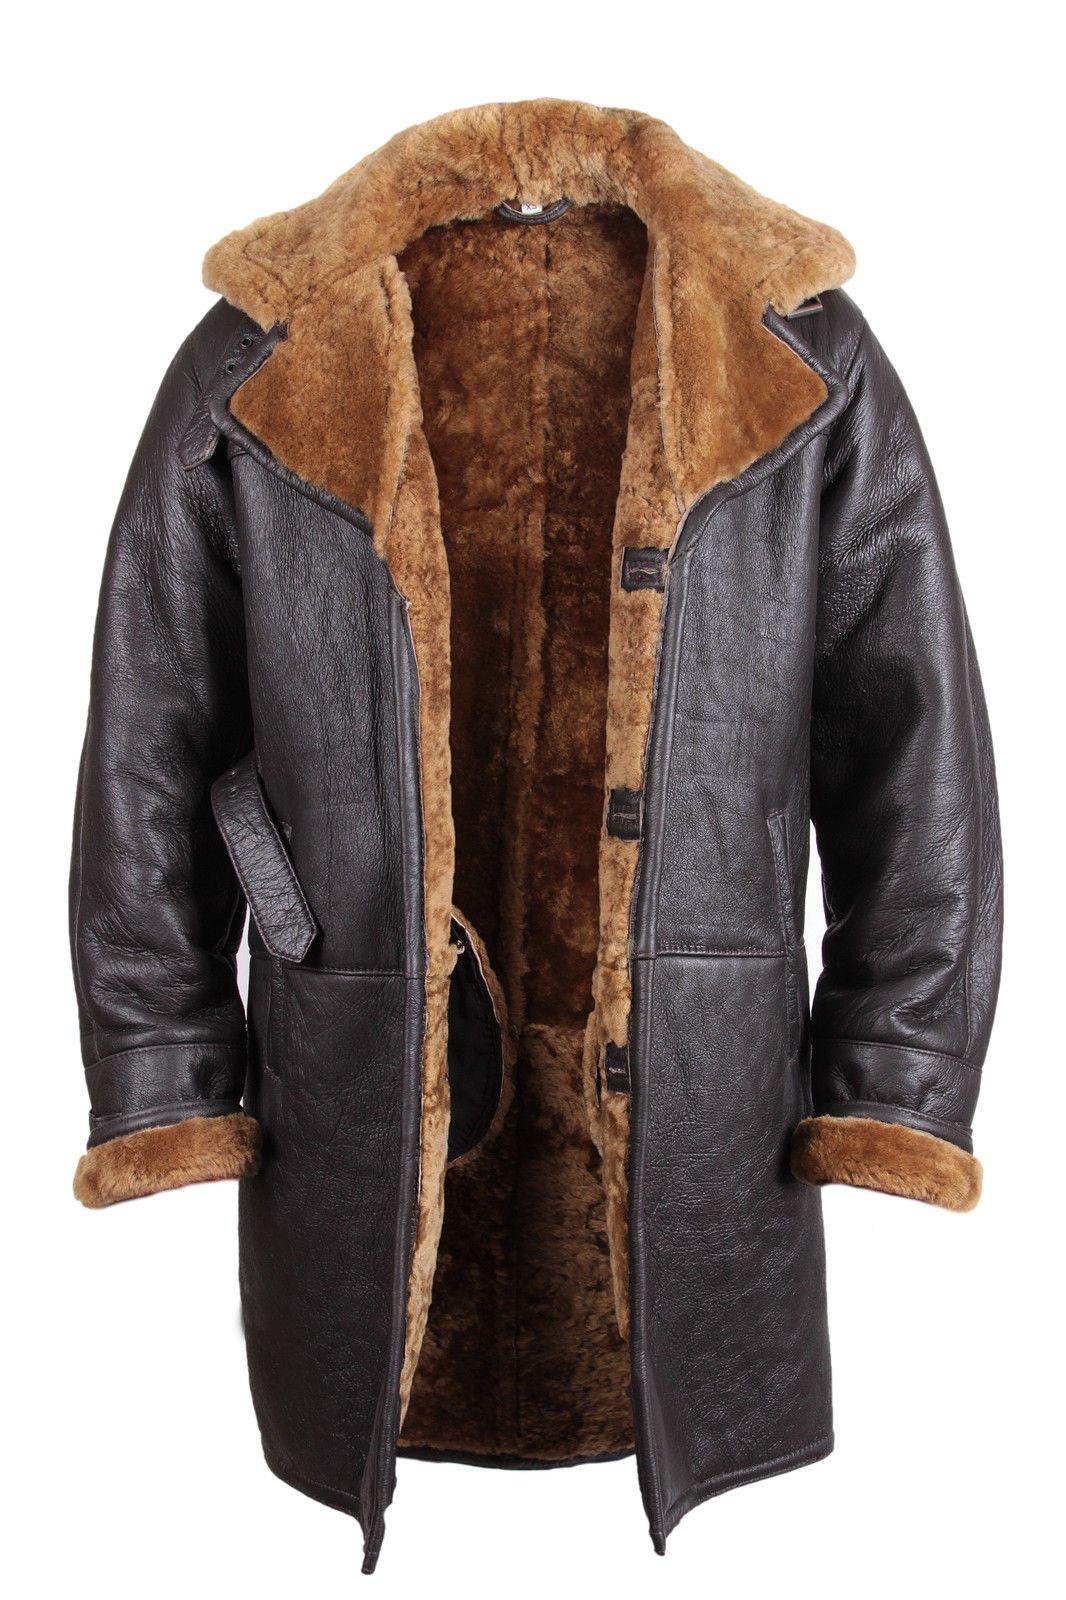 Manteau homme veste 34 peau de mouton Shearling véritable